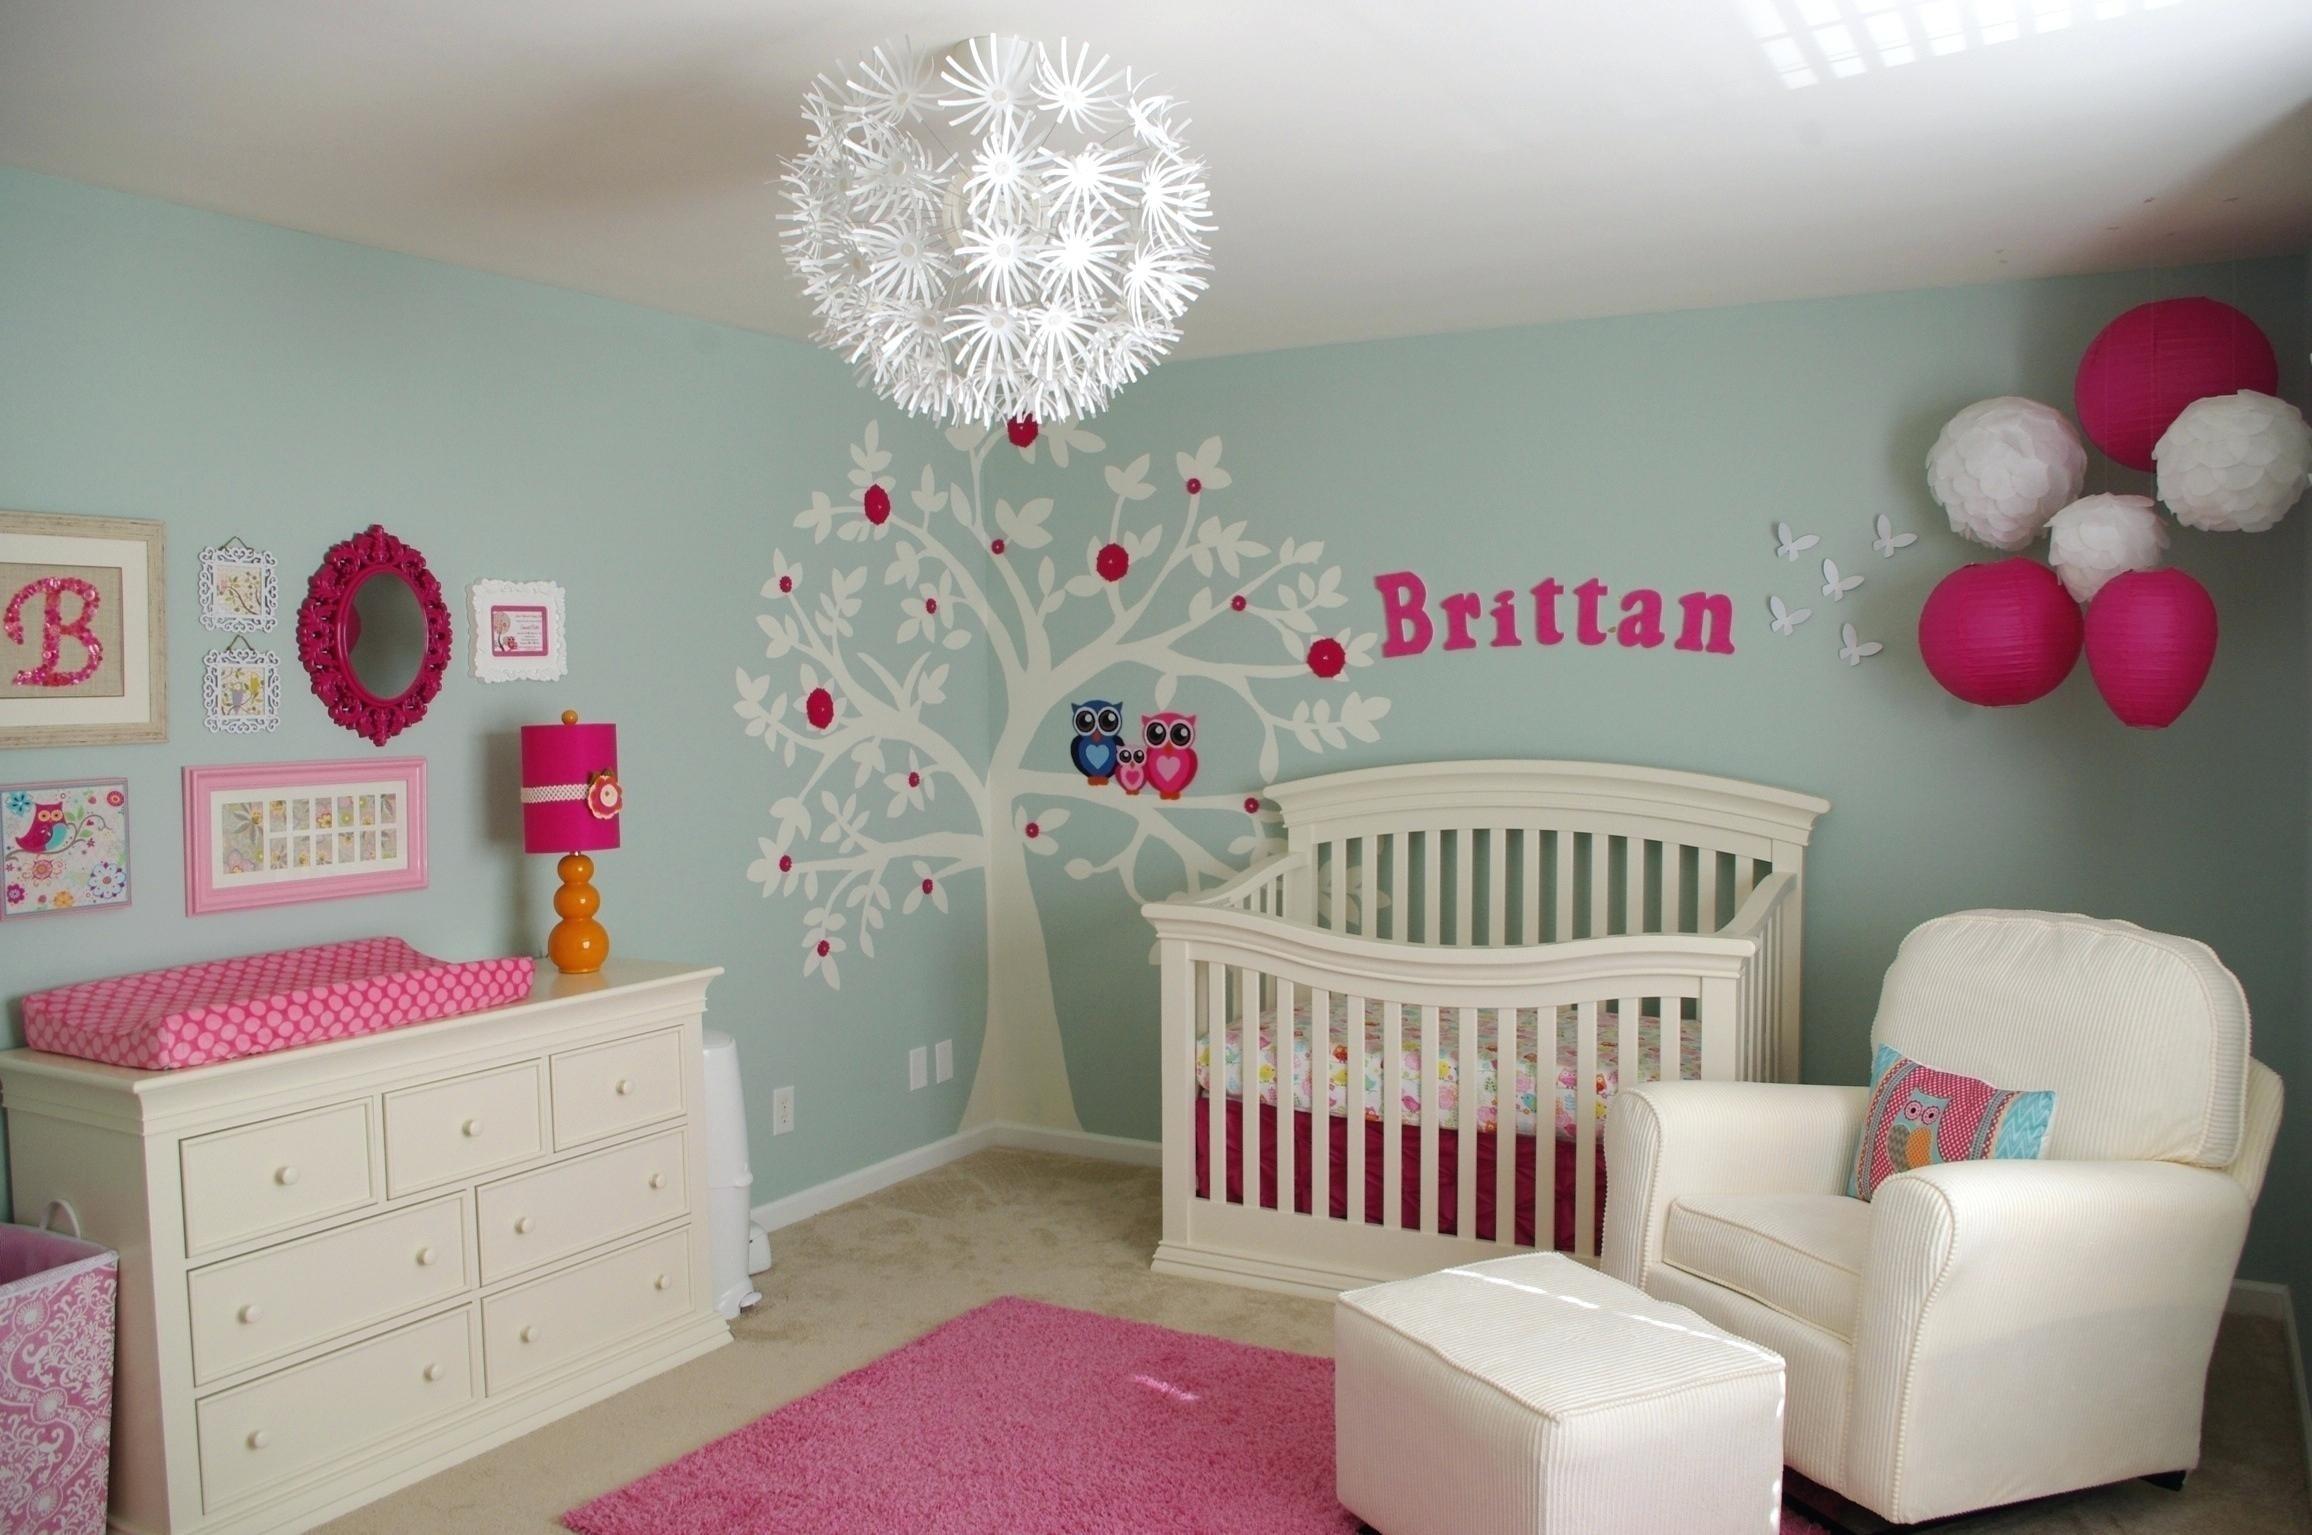 10 Spectacular Baby Girl Room Theme Ideas decoration baby girl room theme ideas